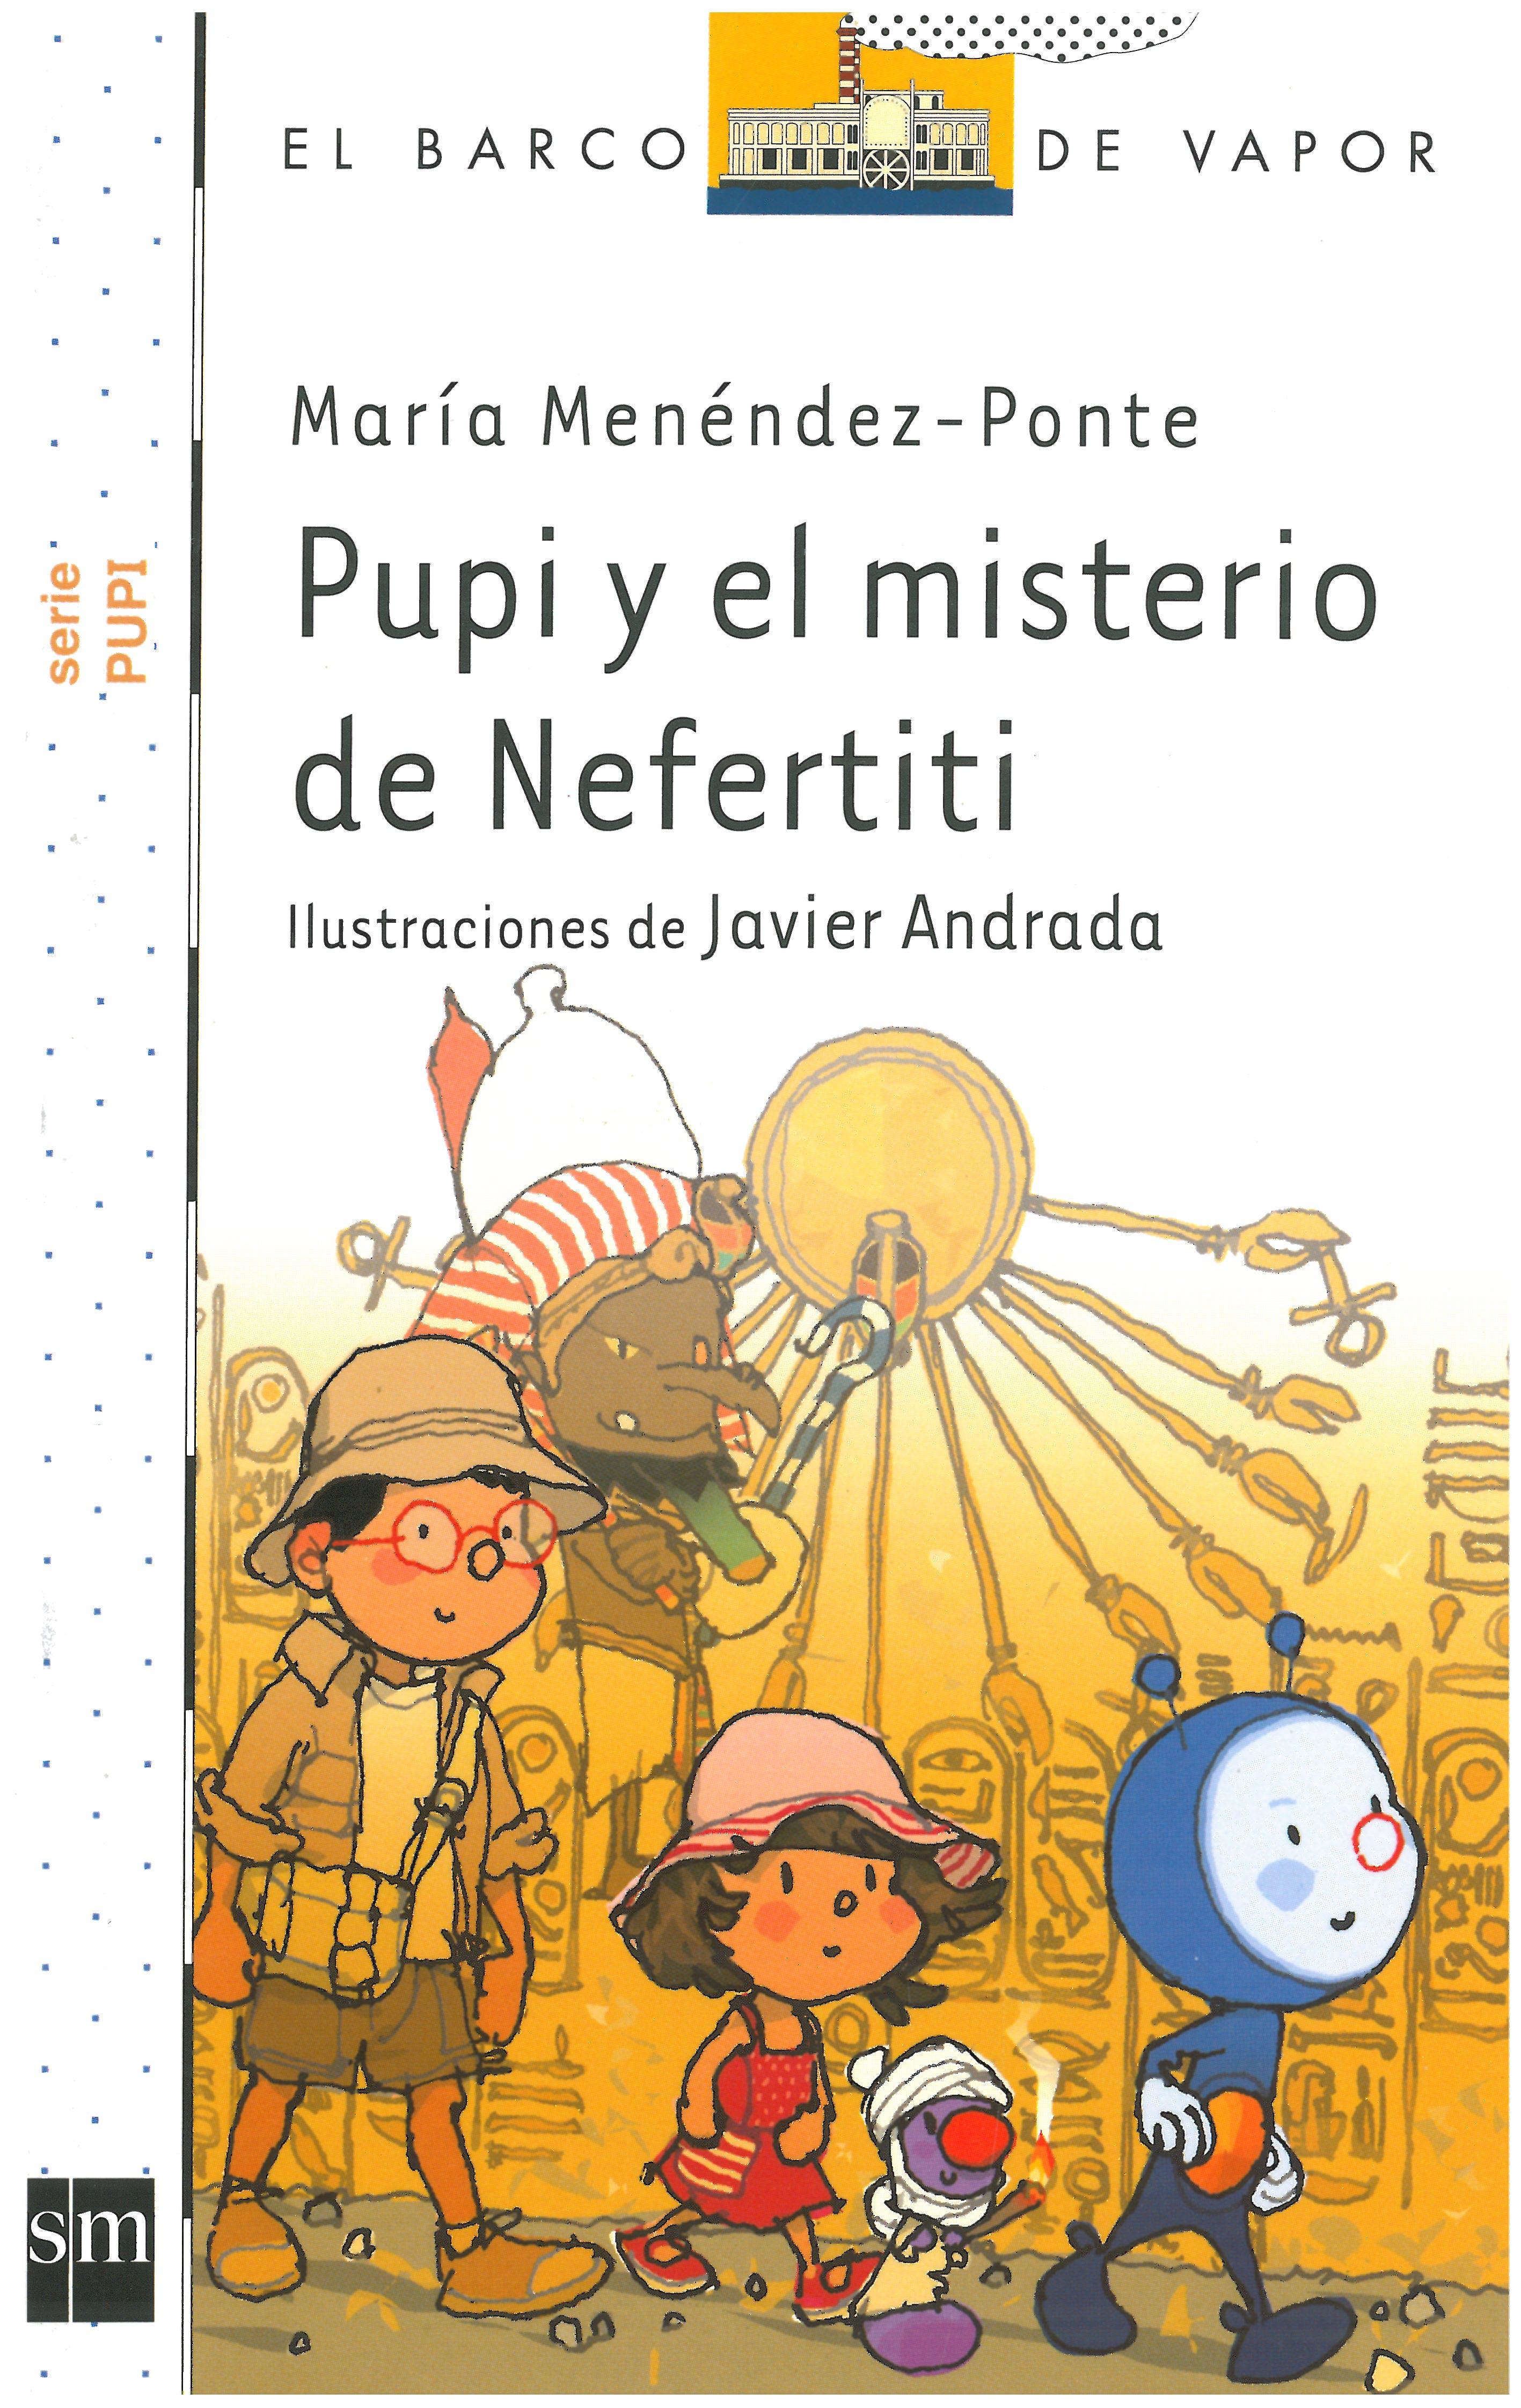 Pupi y el misterio de Nefertiti